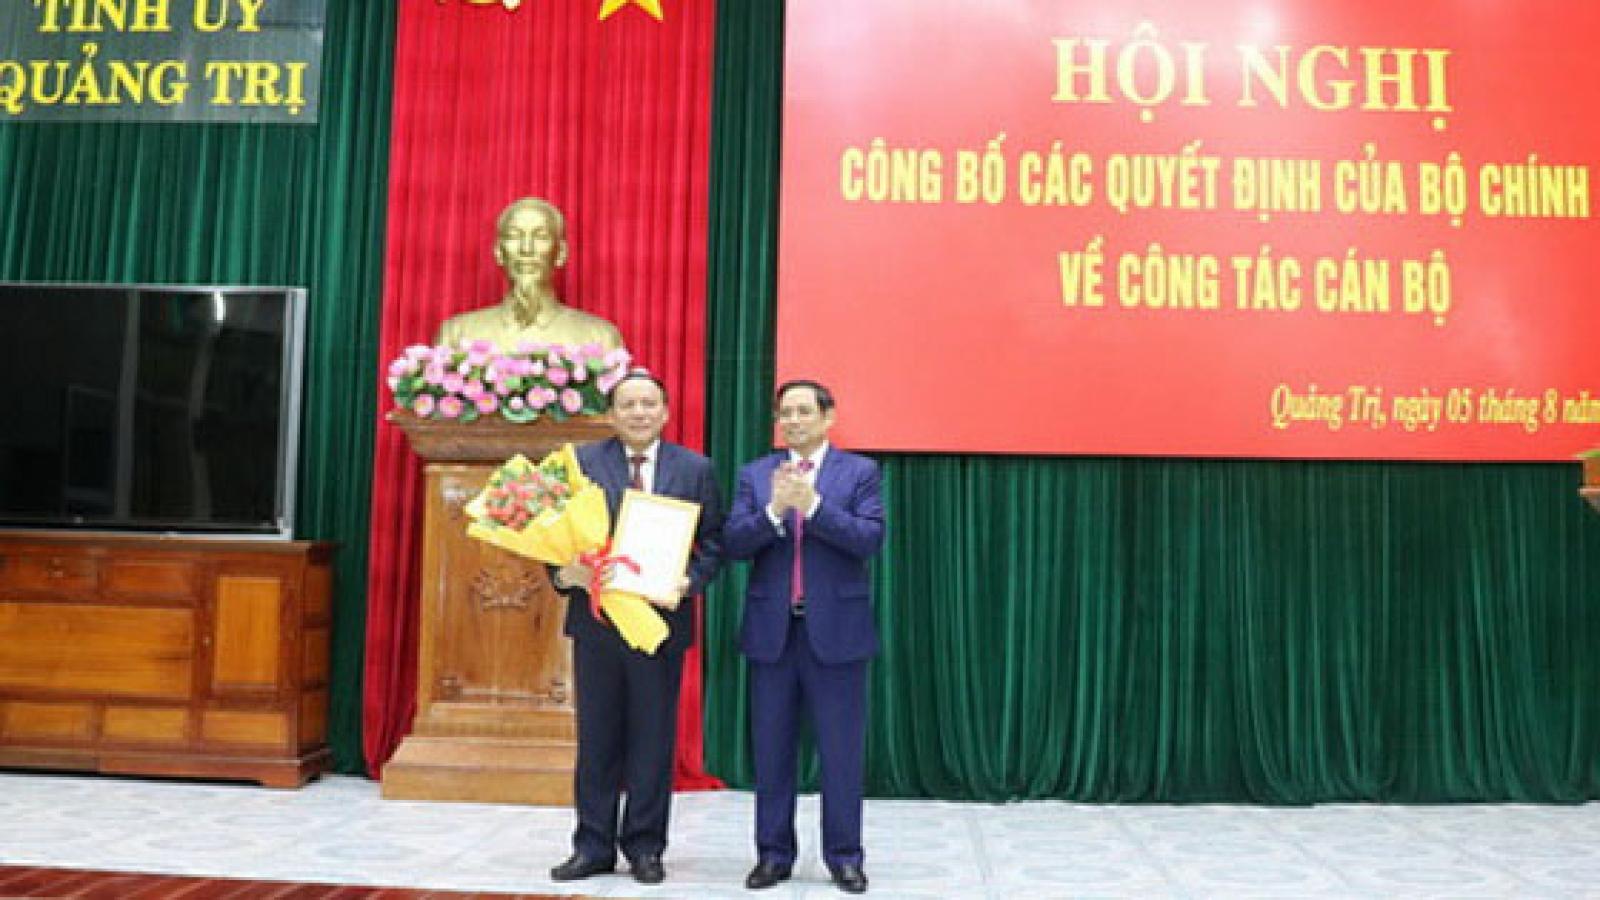 Bí thư Tỉnh ủy Quảng Trị làm Thứ trưởng Bộ Văn hóa- Thể thao và Du lịch